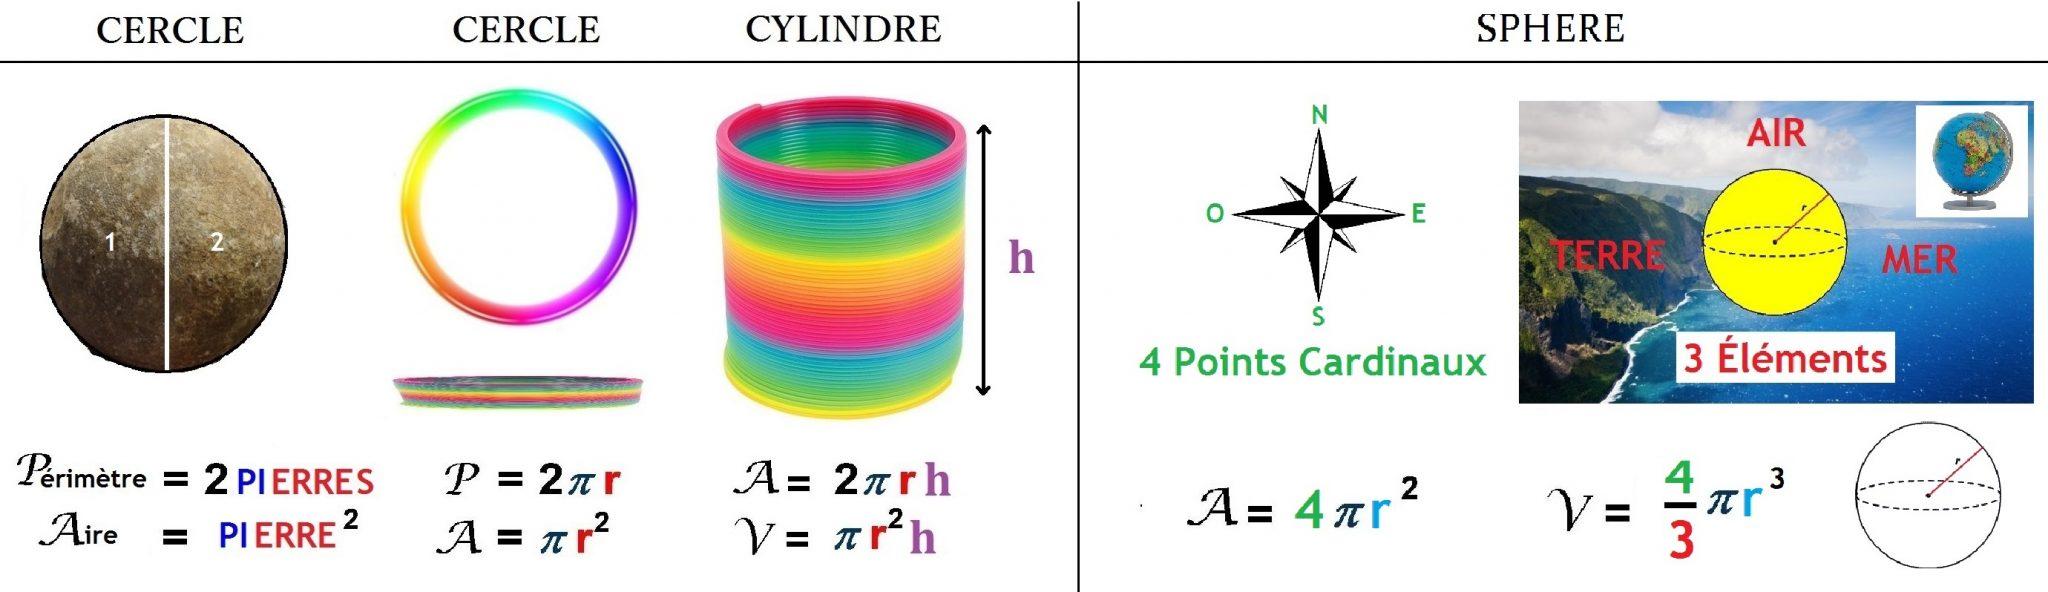 formules_cercle_cylindre_sphère_aire_volume_périmètre